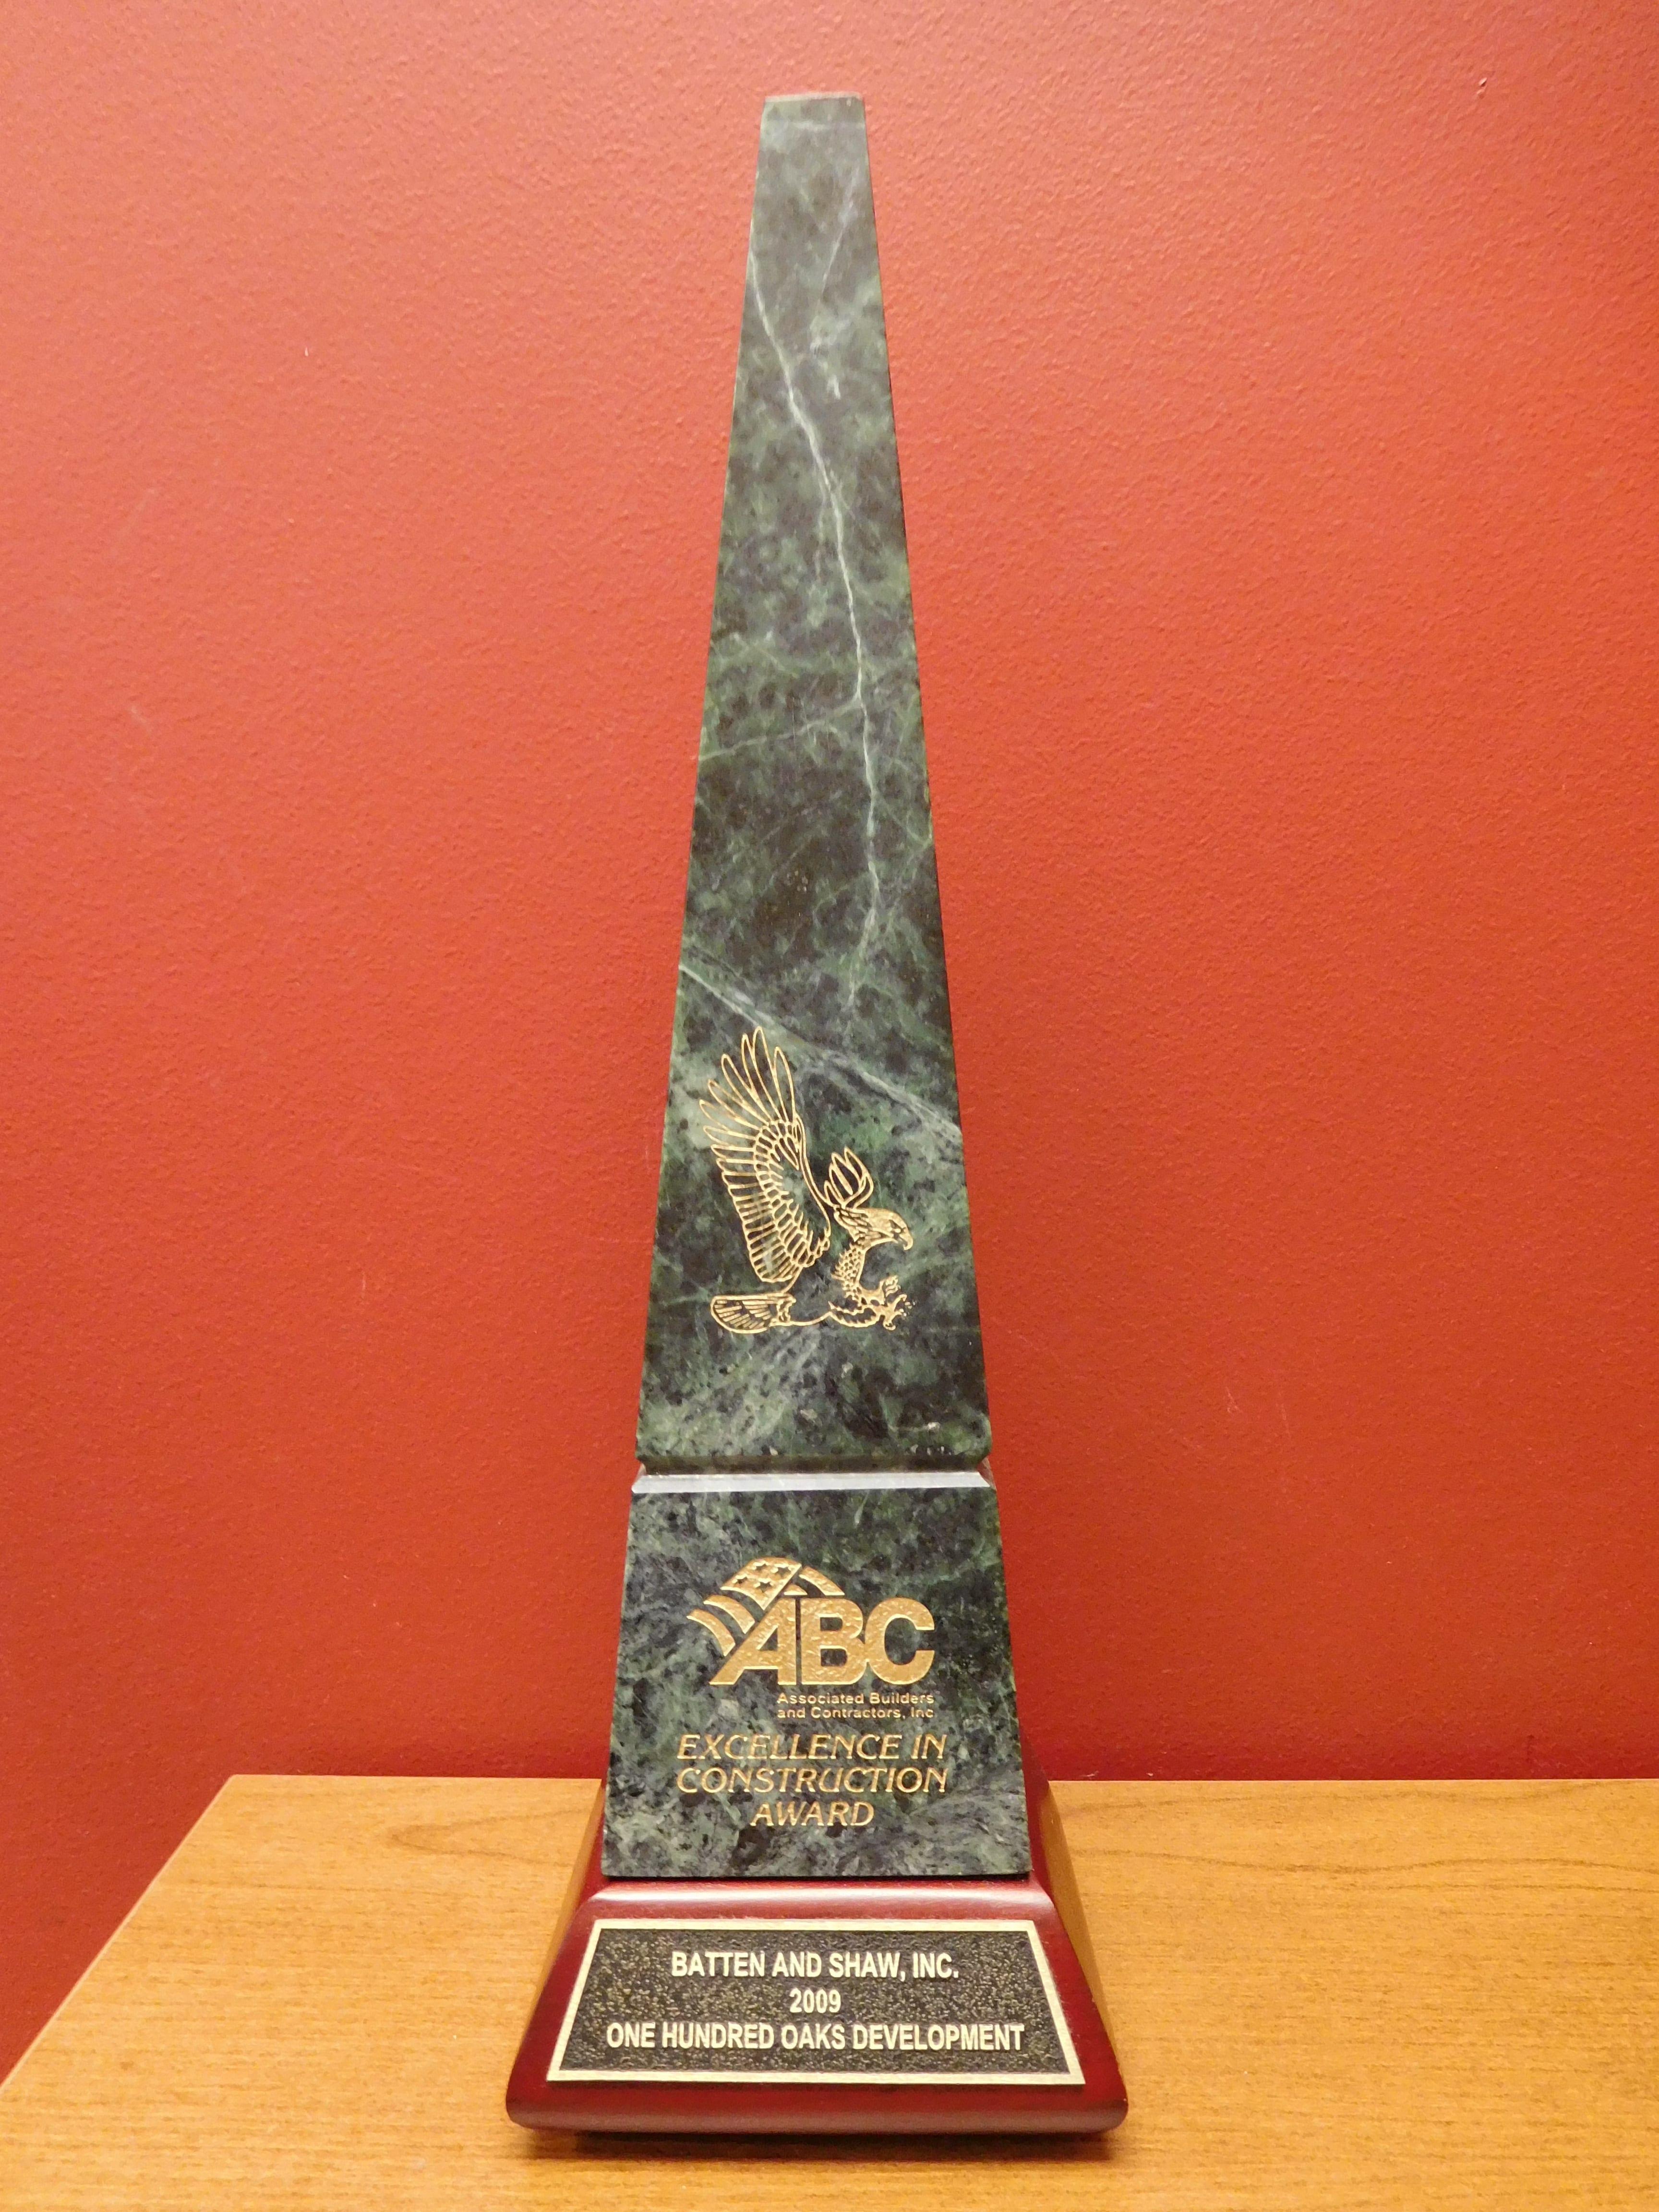 2009 ABC Award One Hundred Oaks Development